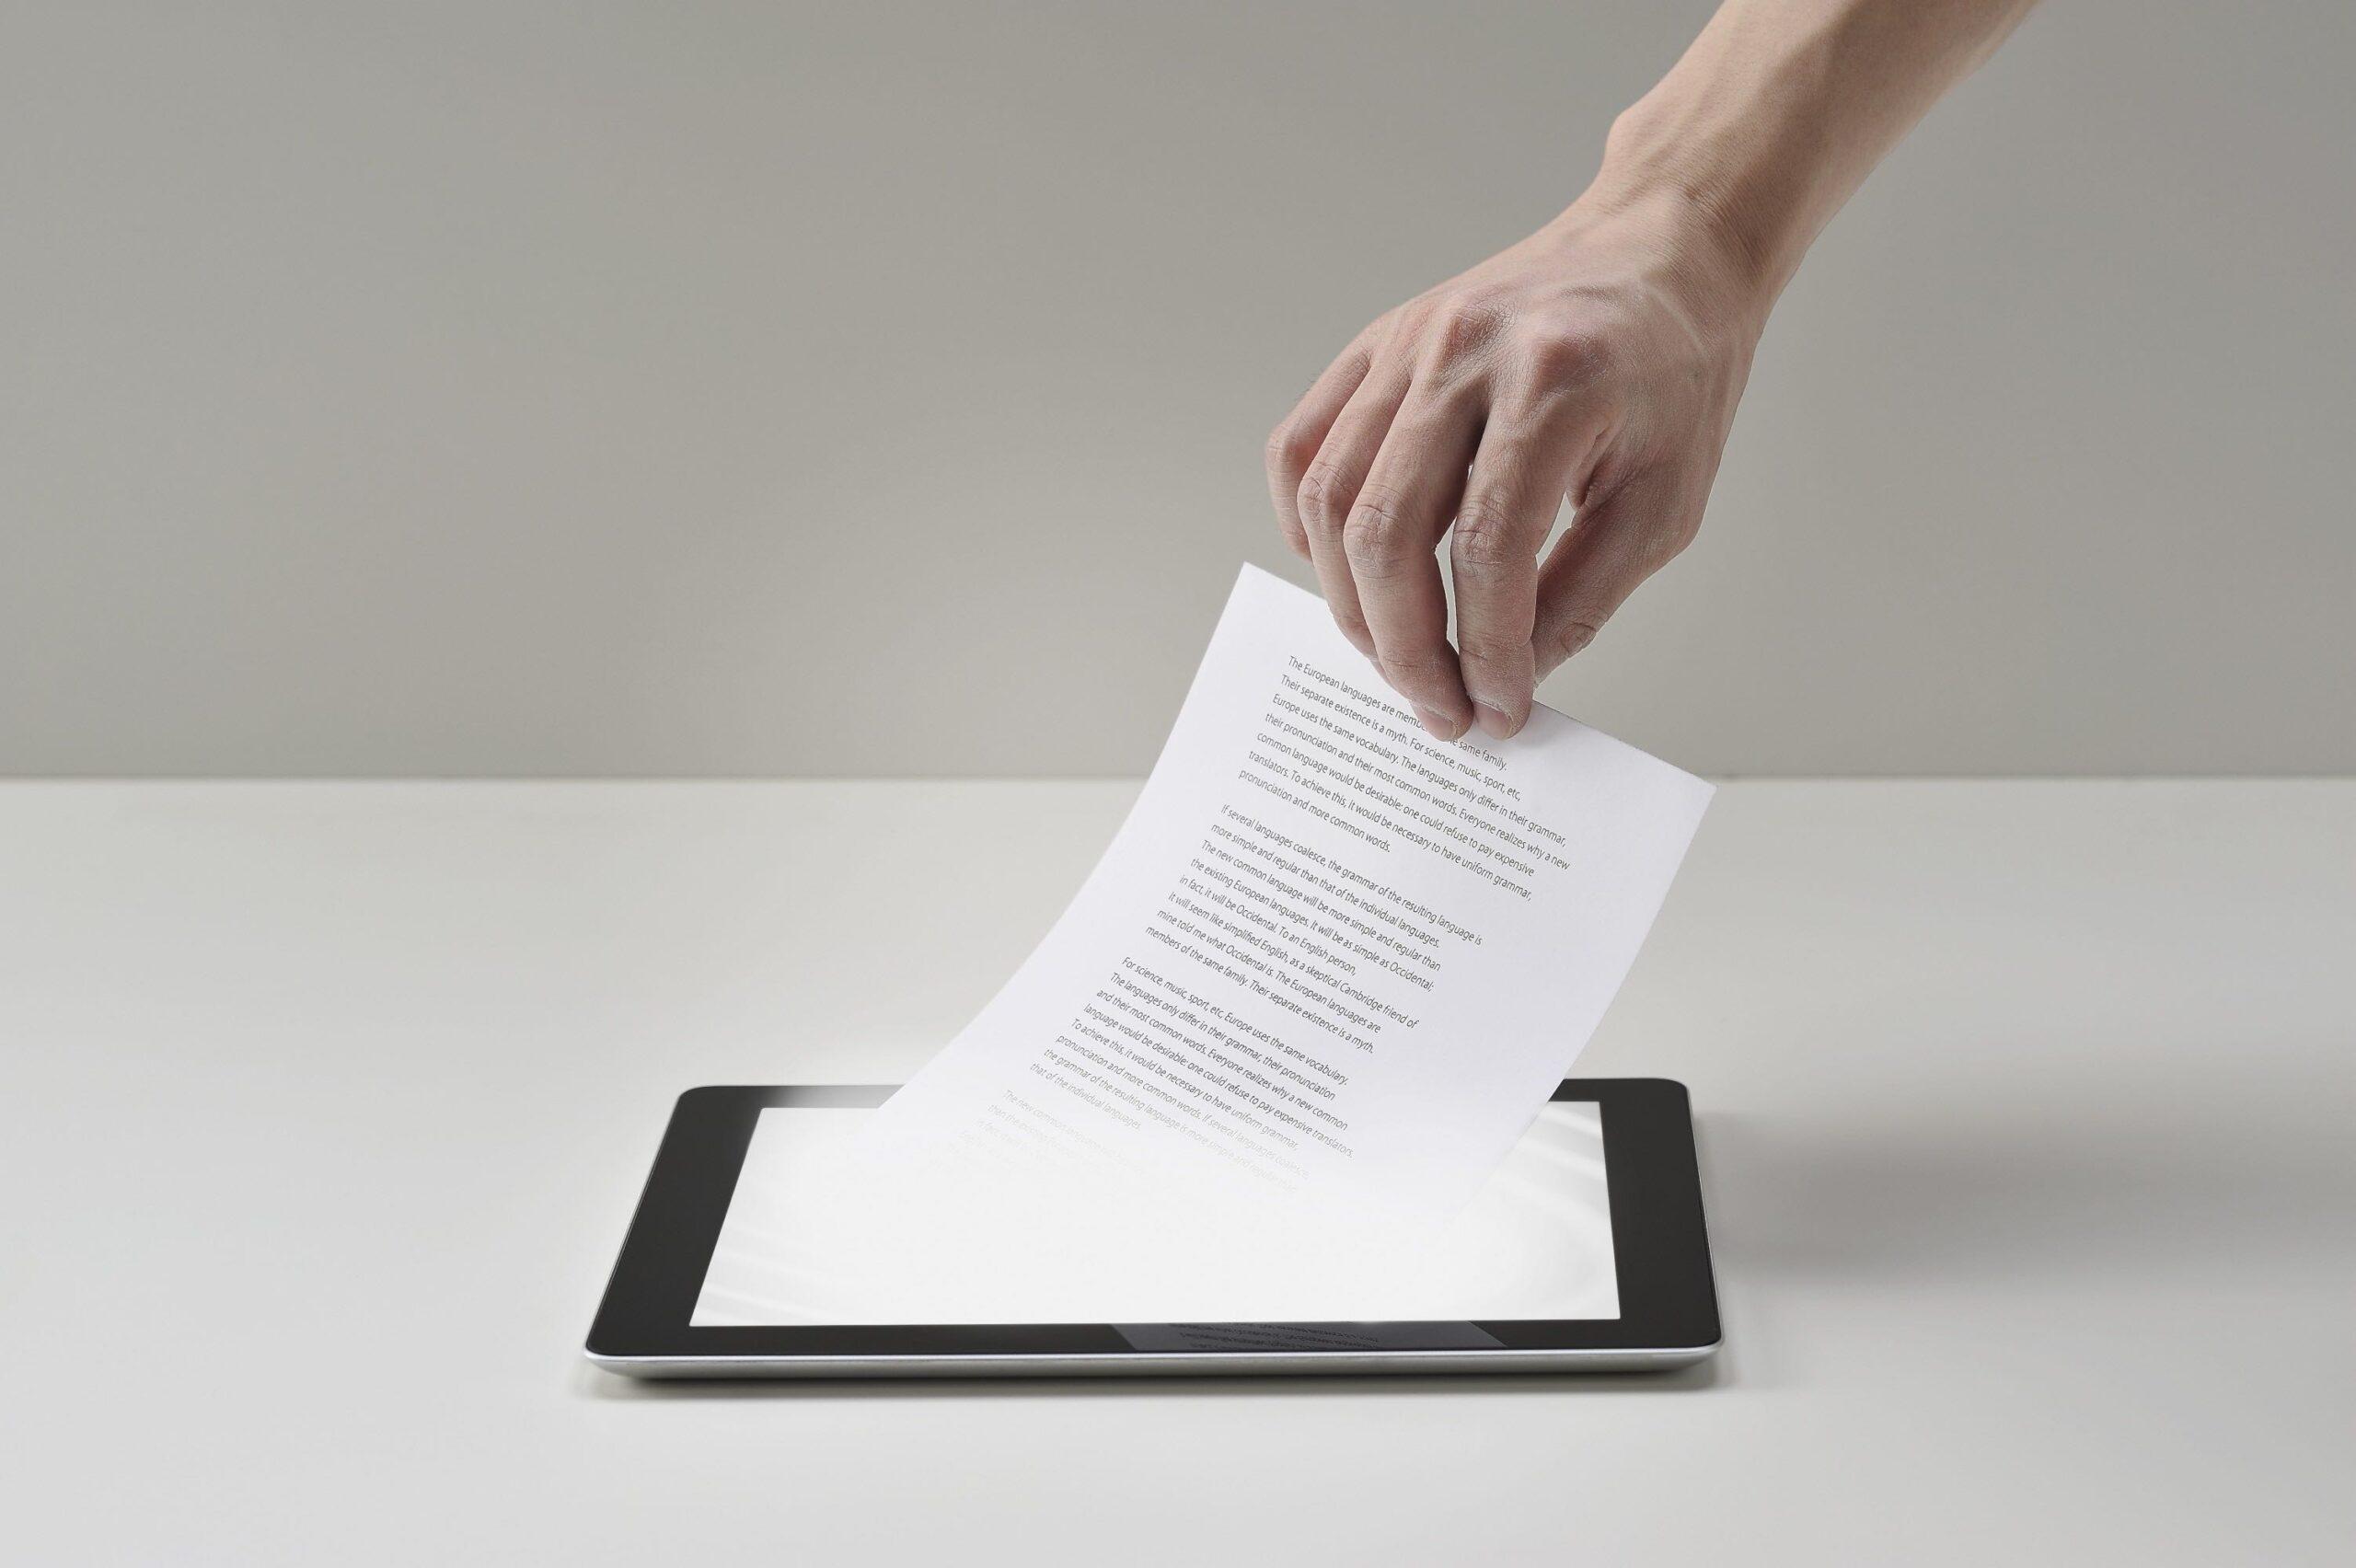 Documento digital x documento físico: saiba as diferenças!